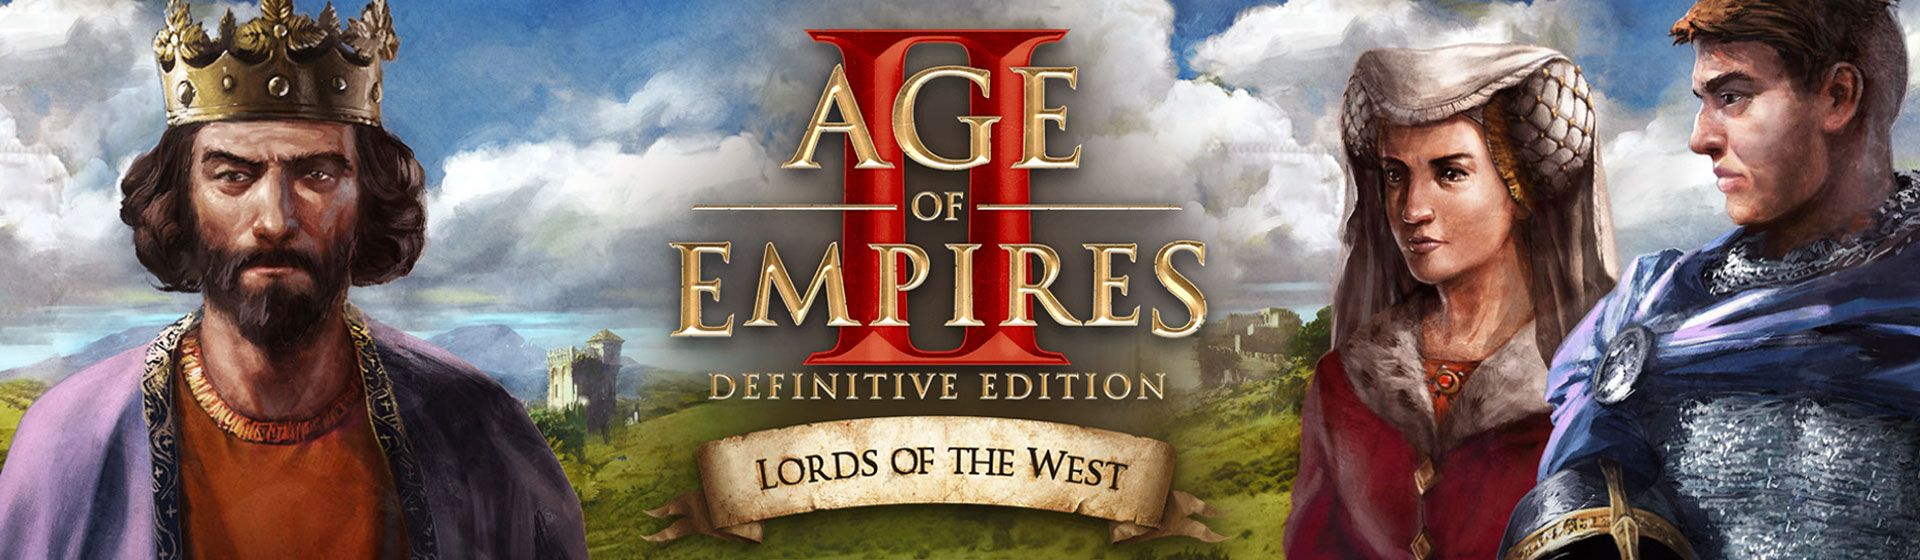 Age of Empires II: Definitive Edition ganha expansão em janeiro